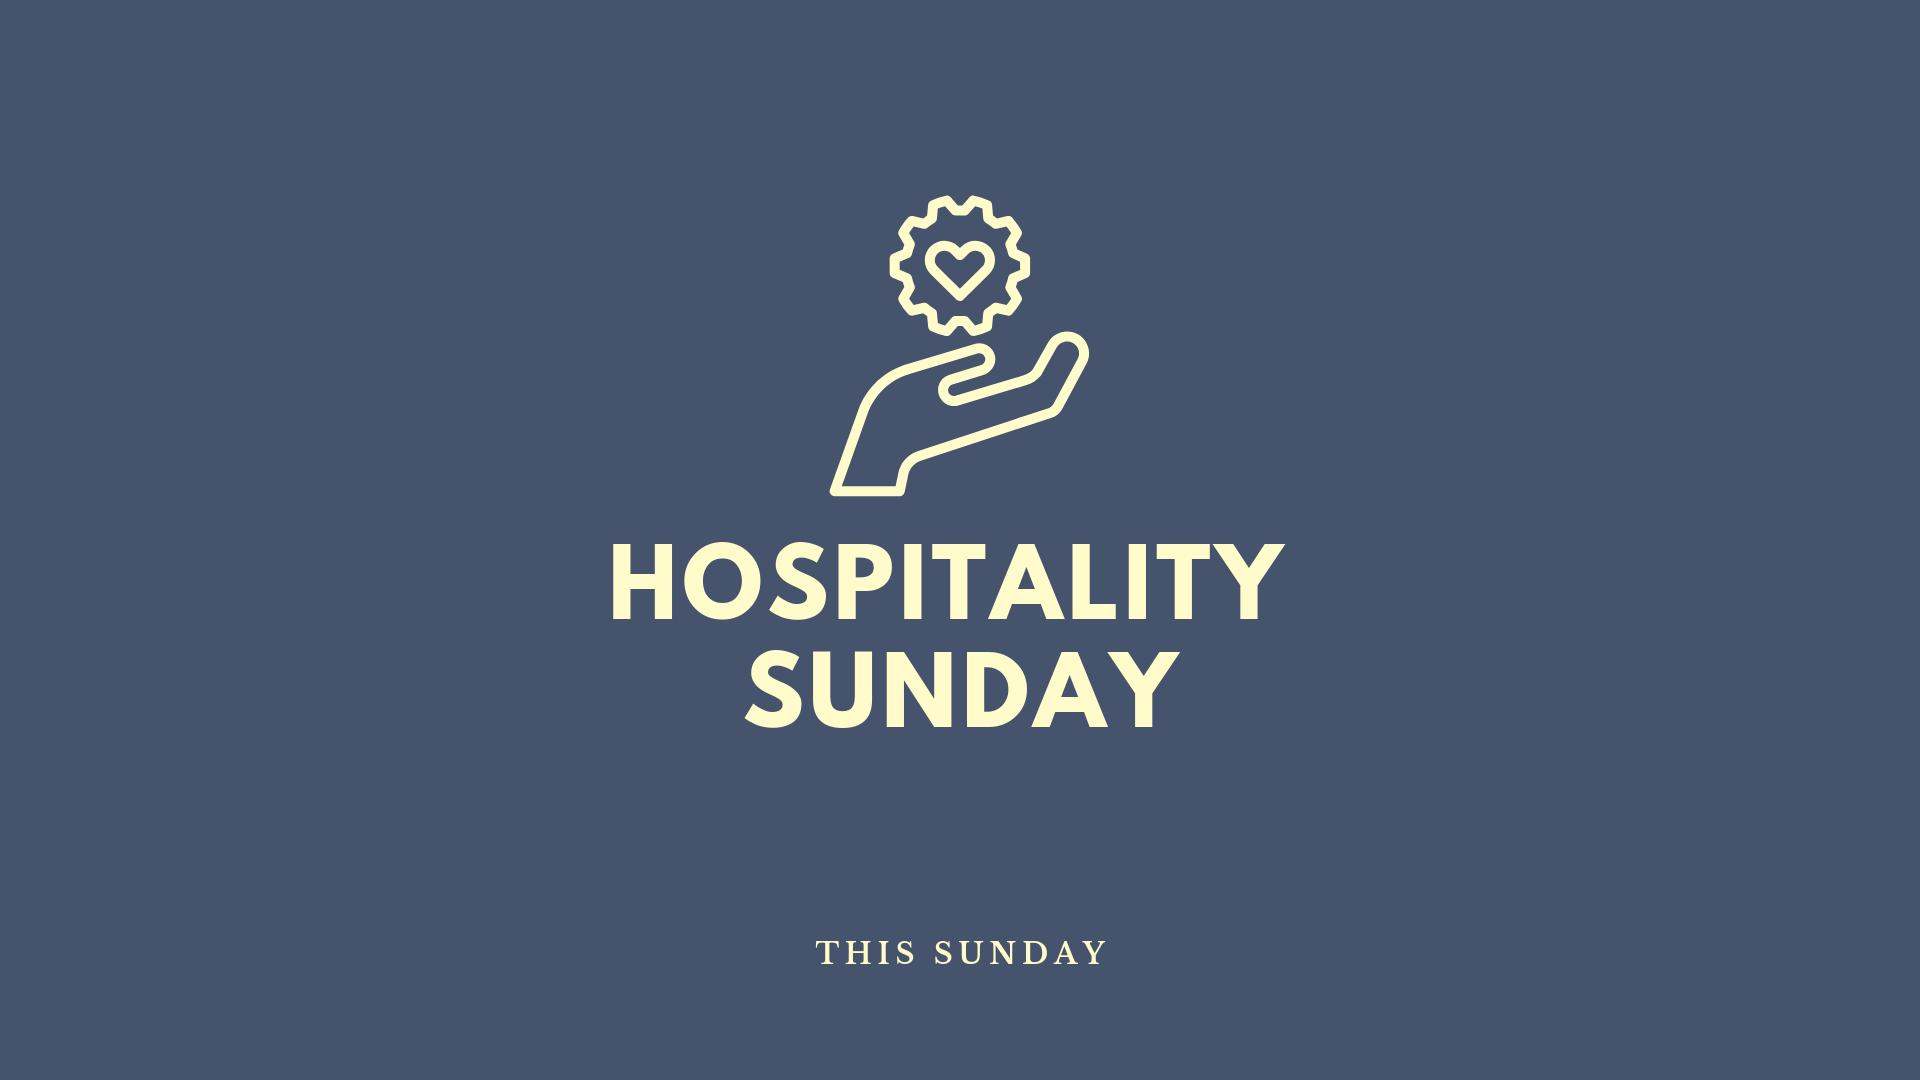 Copy of Hospitality SUnday.png